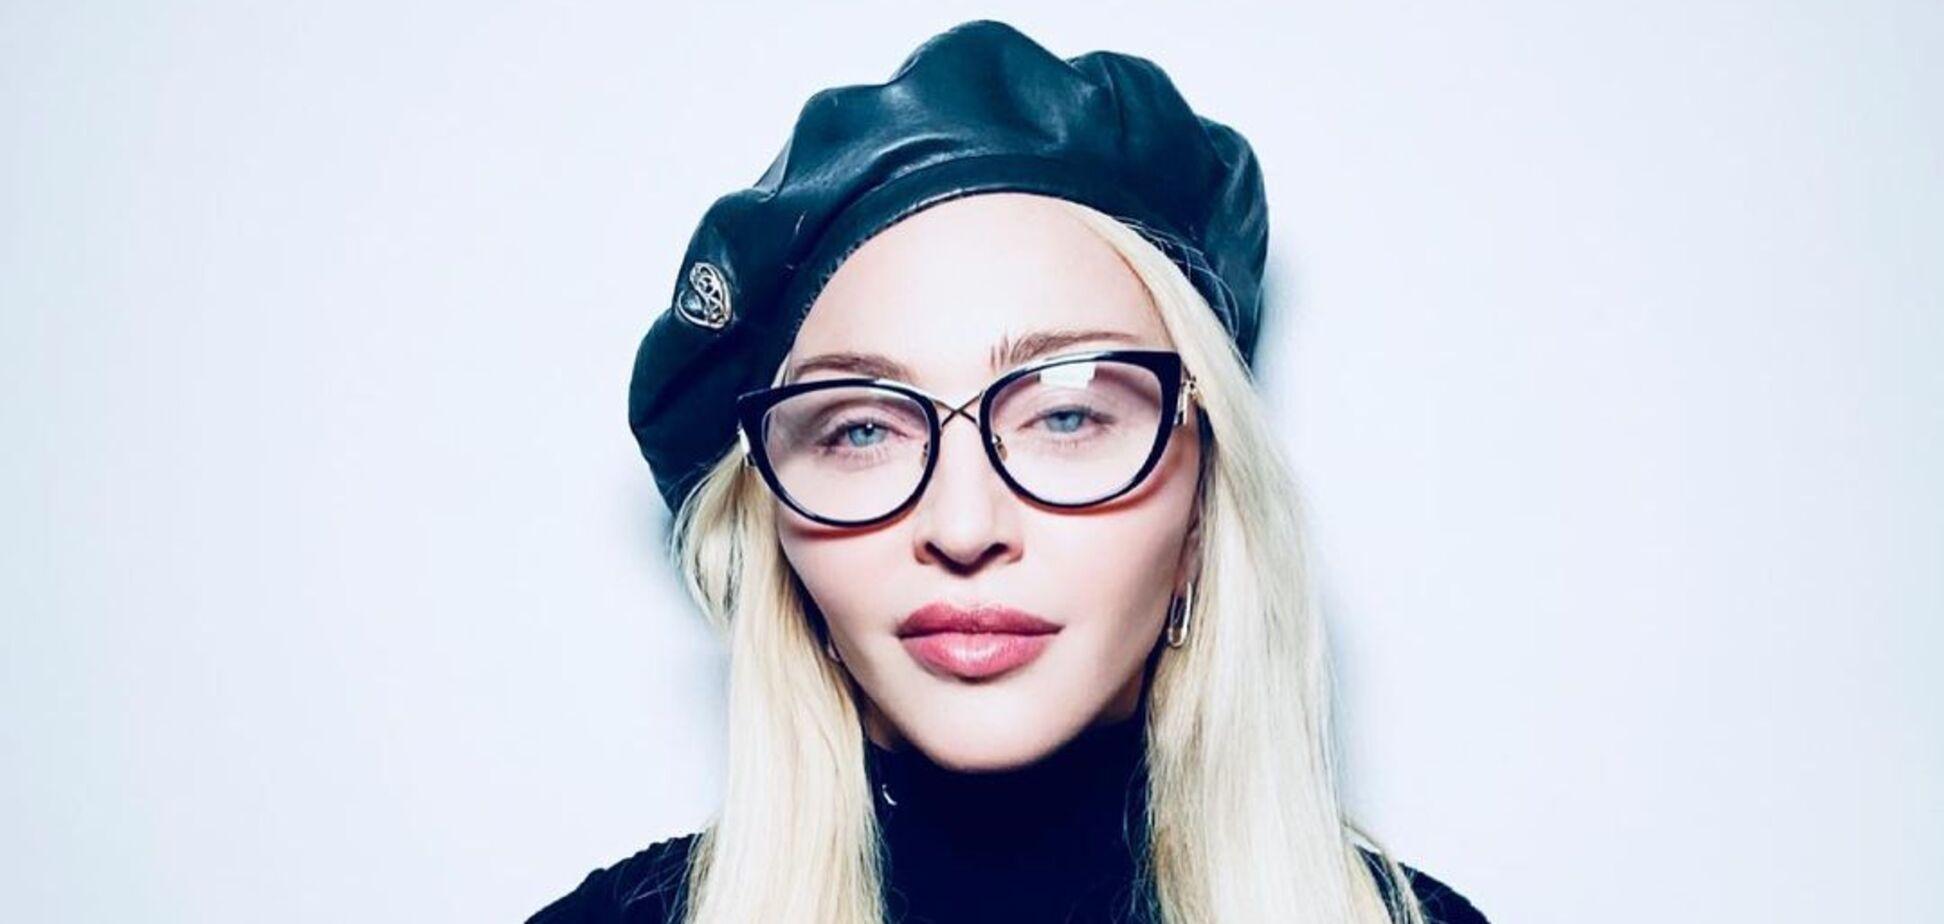 Мадонна показала зухвалий образ у косинці та окулярах. Фото